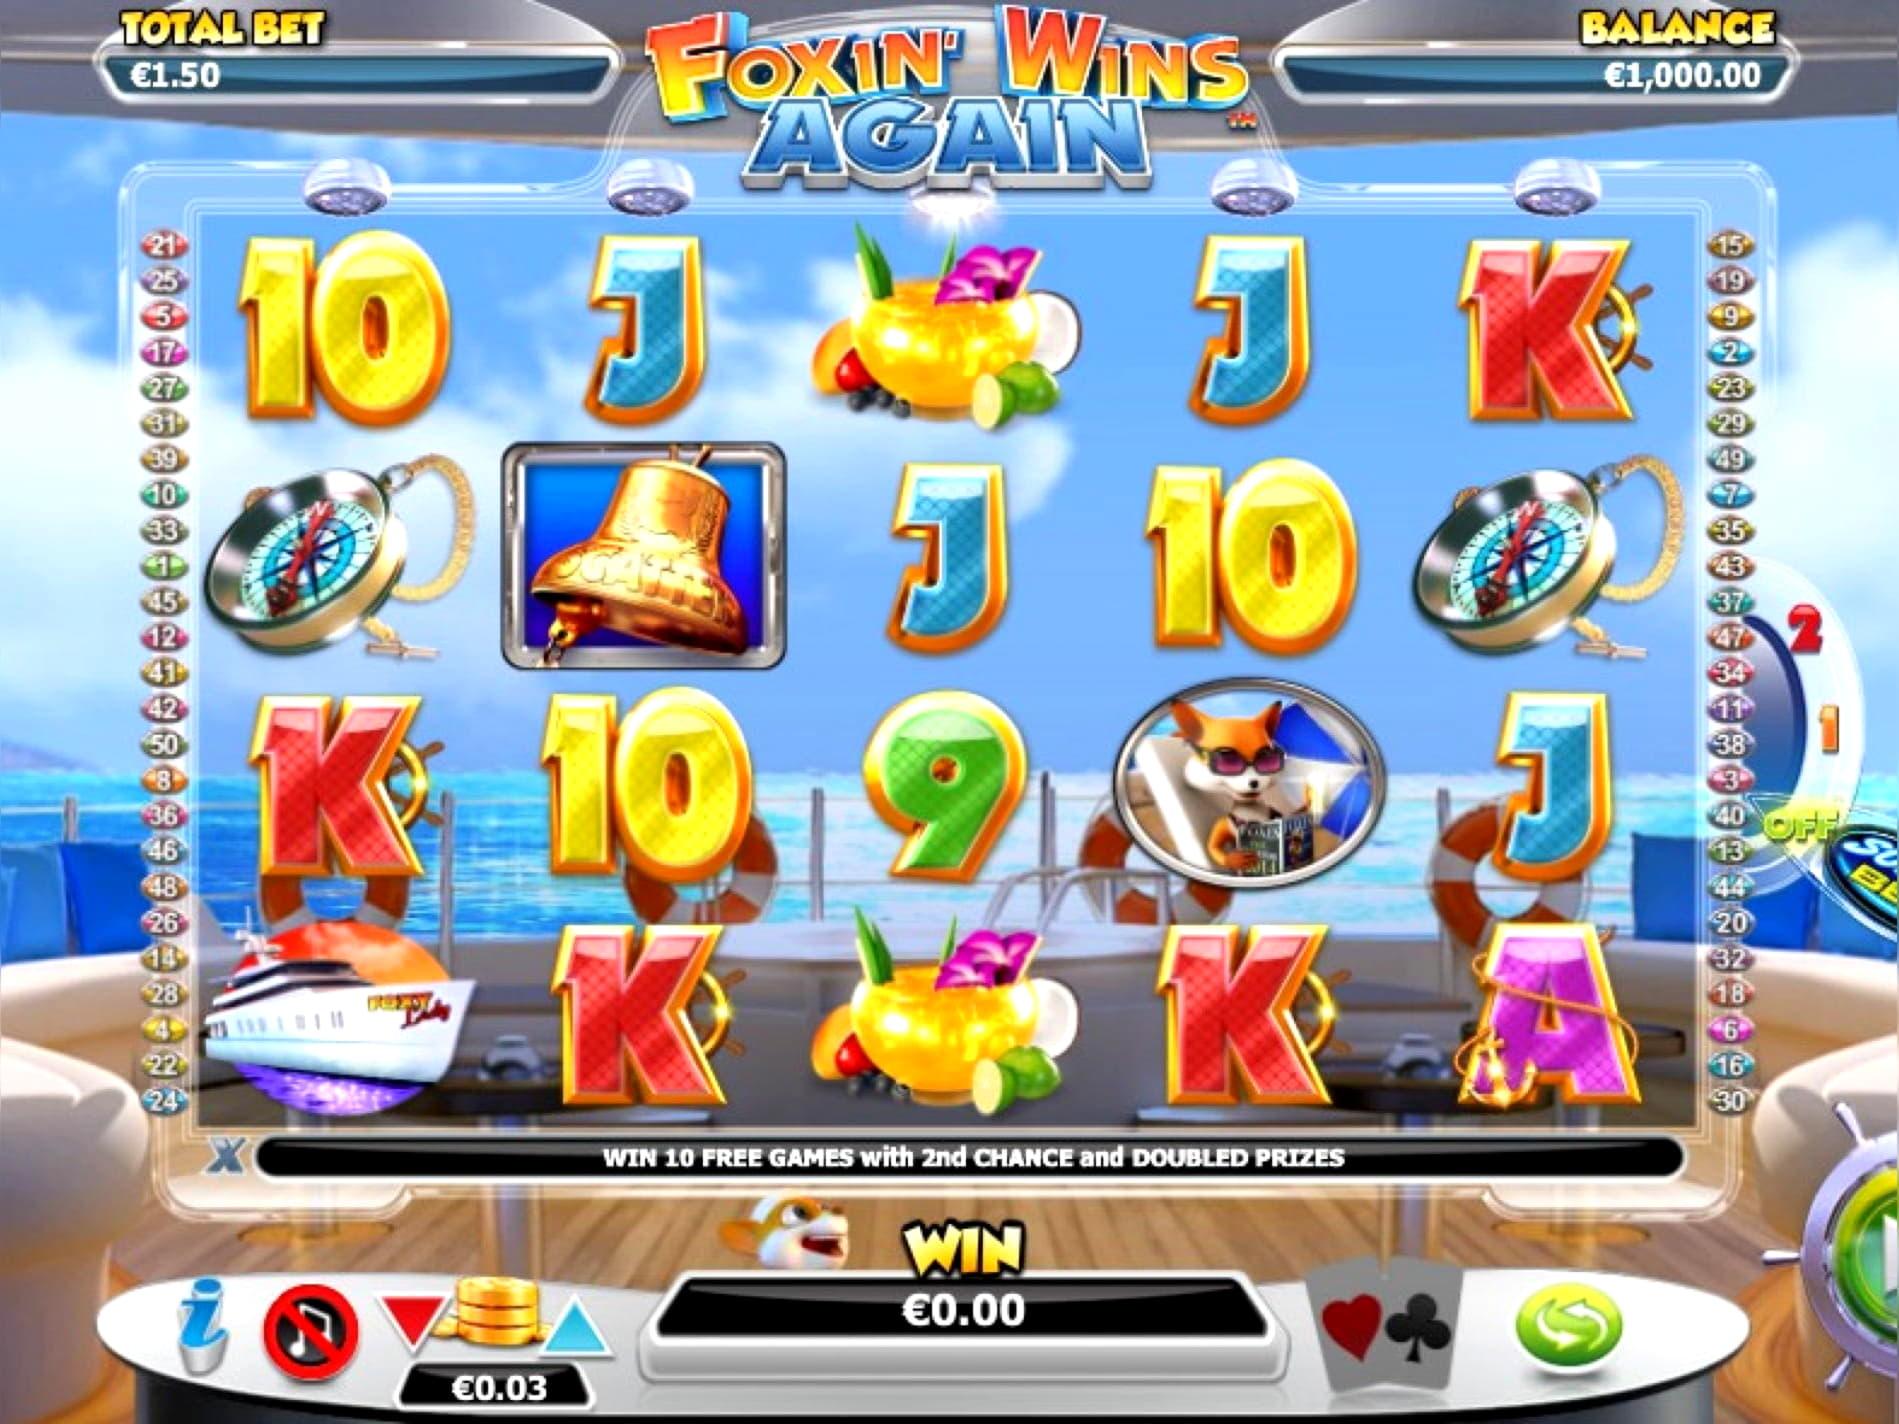 Club casino in mobile